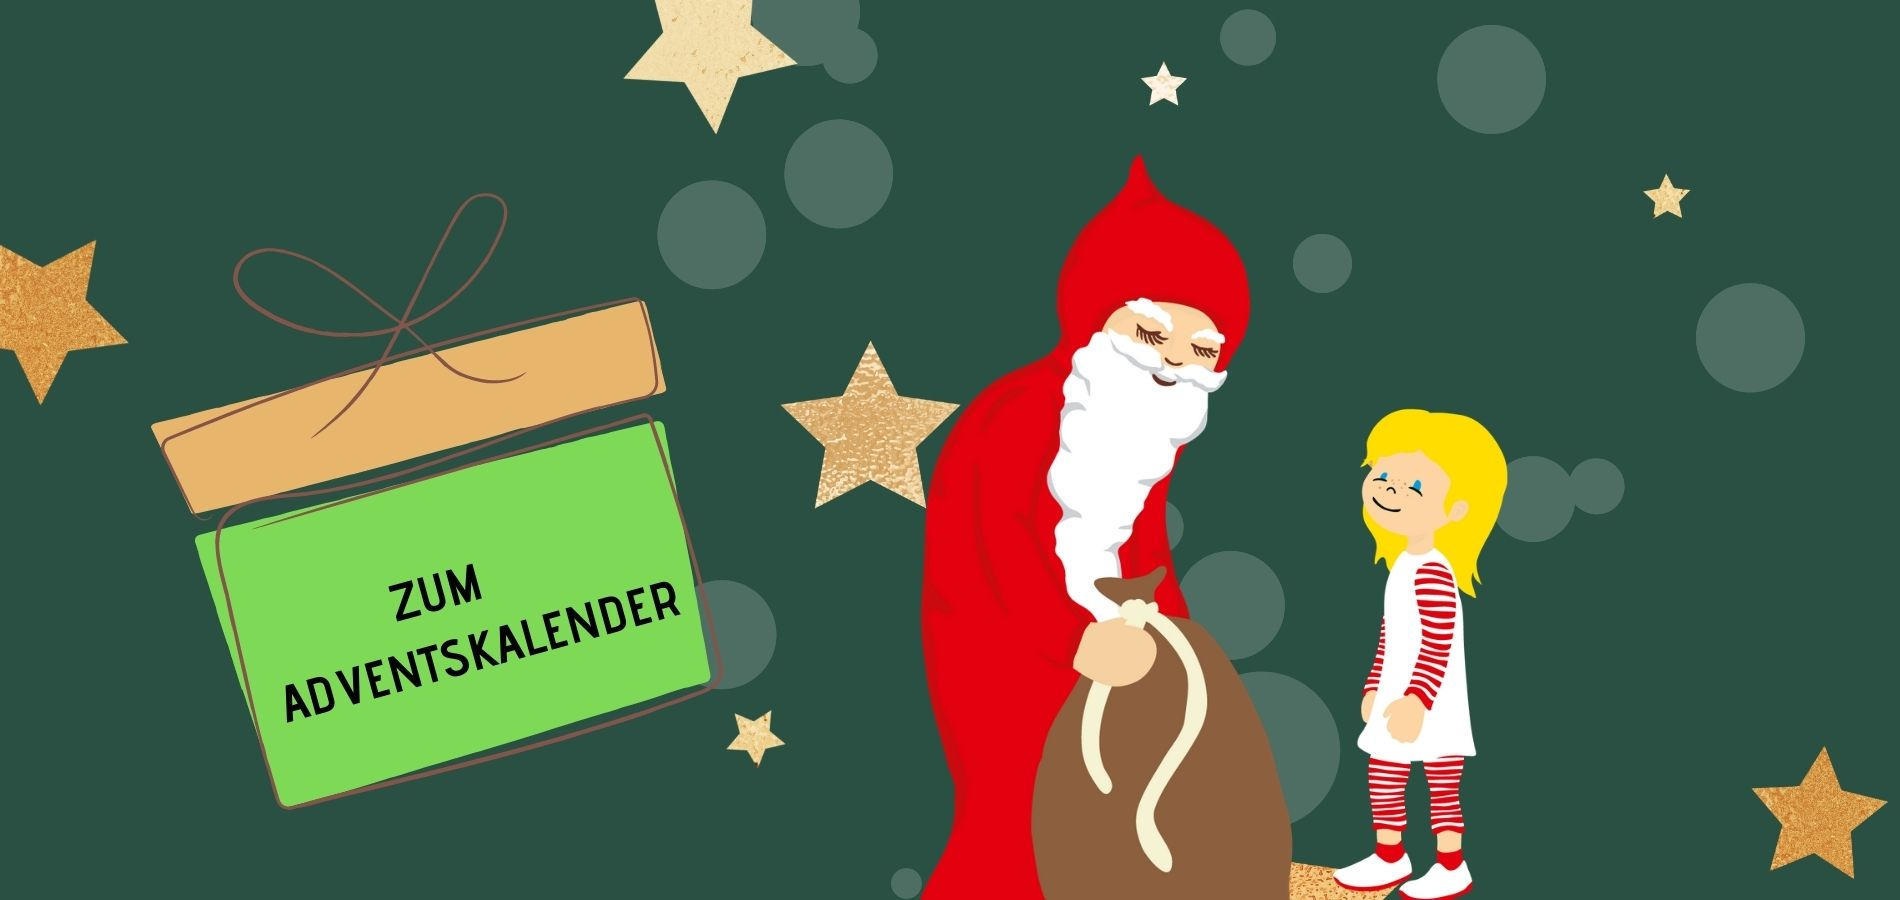 Luett-Marikens Online-Adventskalender